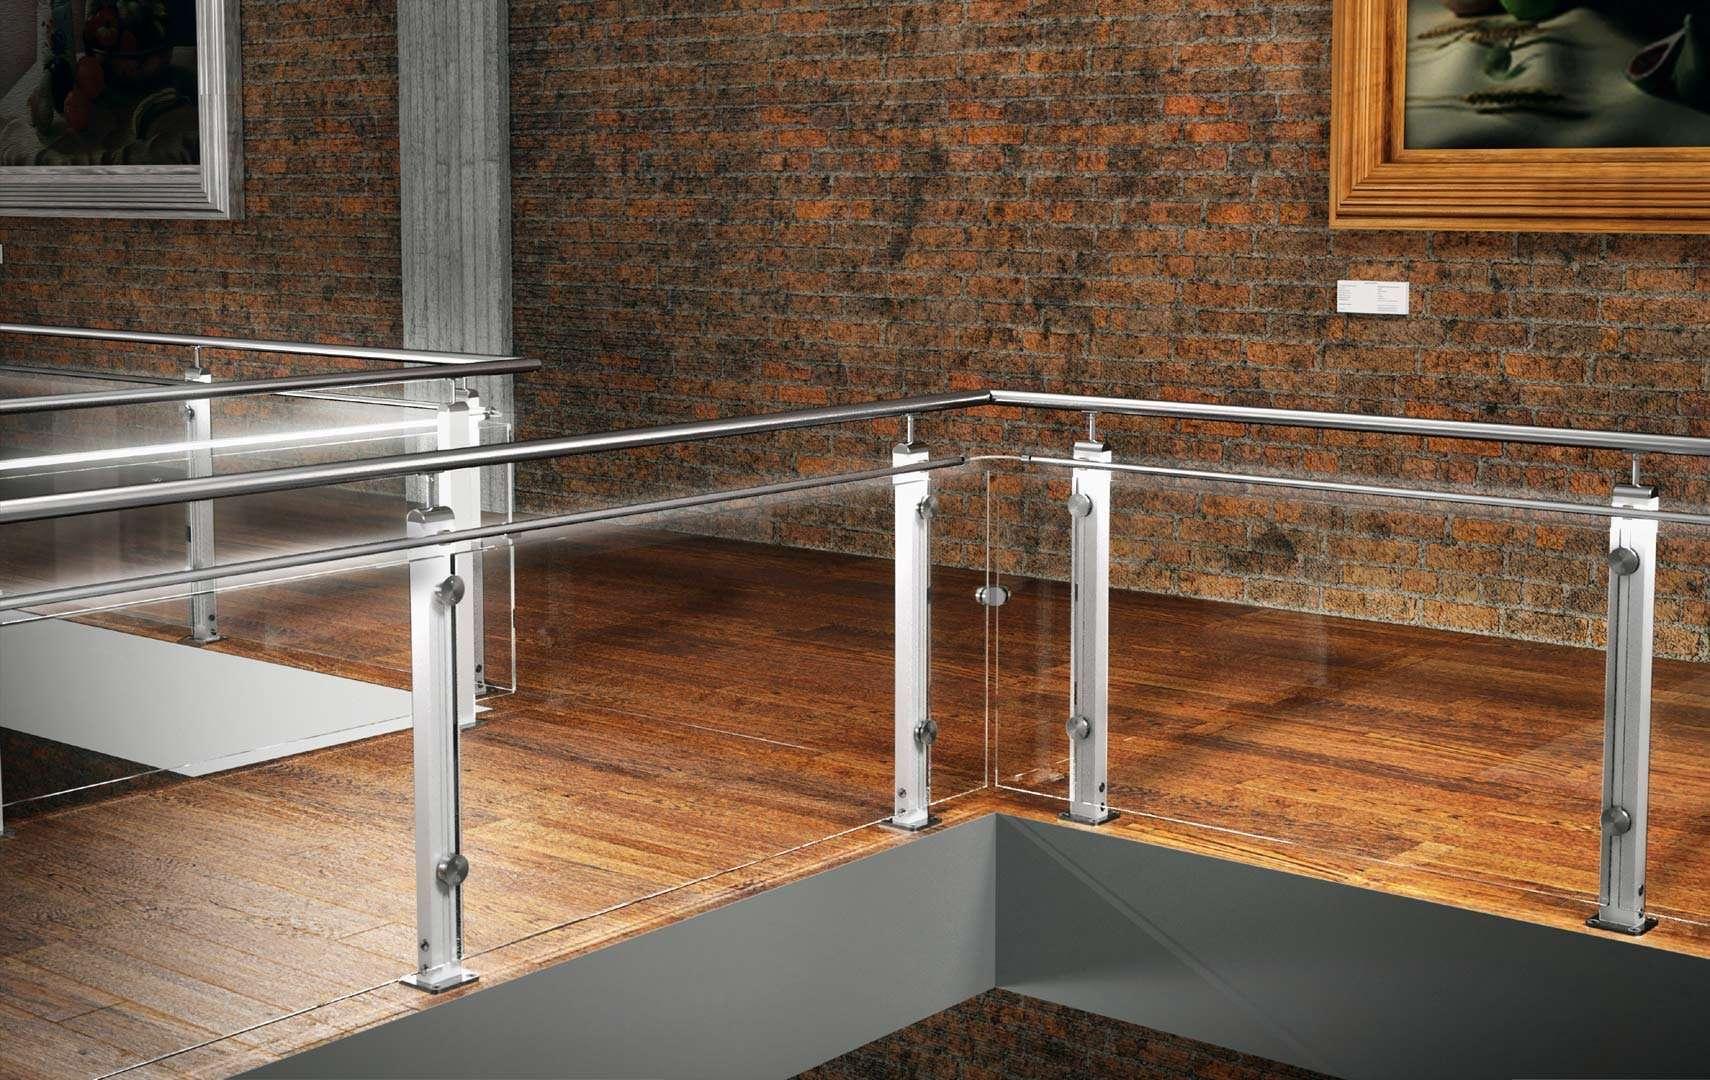 Mast ringhiere per scale interne le puoi trovare in legno e in vetro - Ringhiere in vetro per scale interne prezzi ...